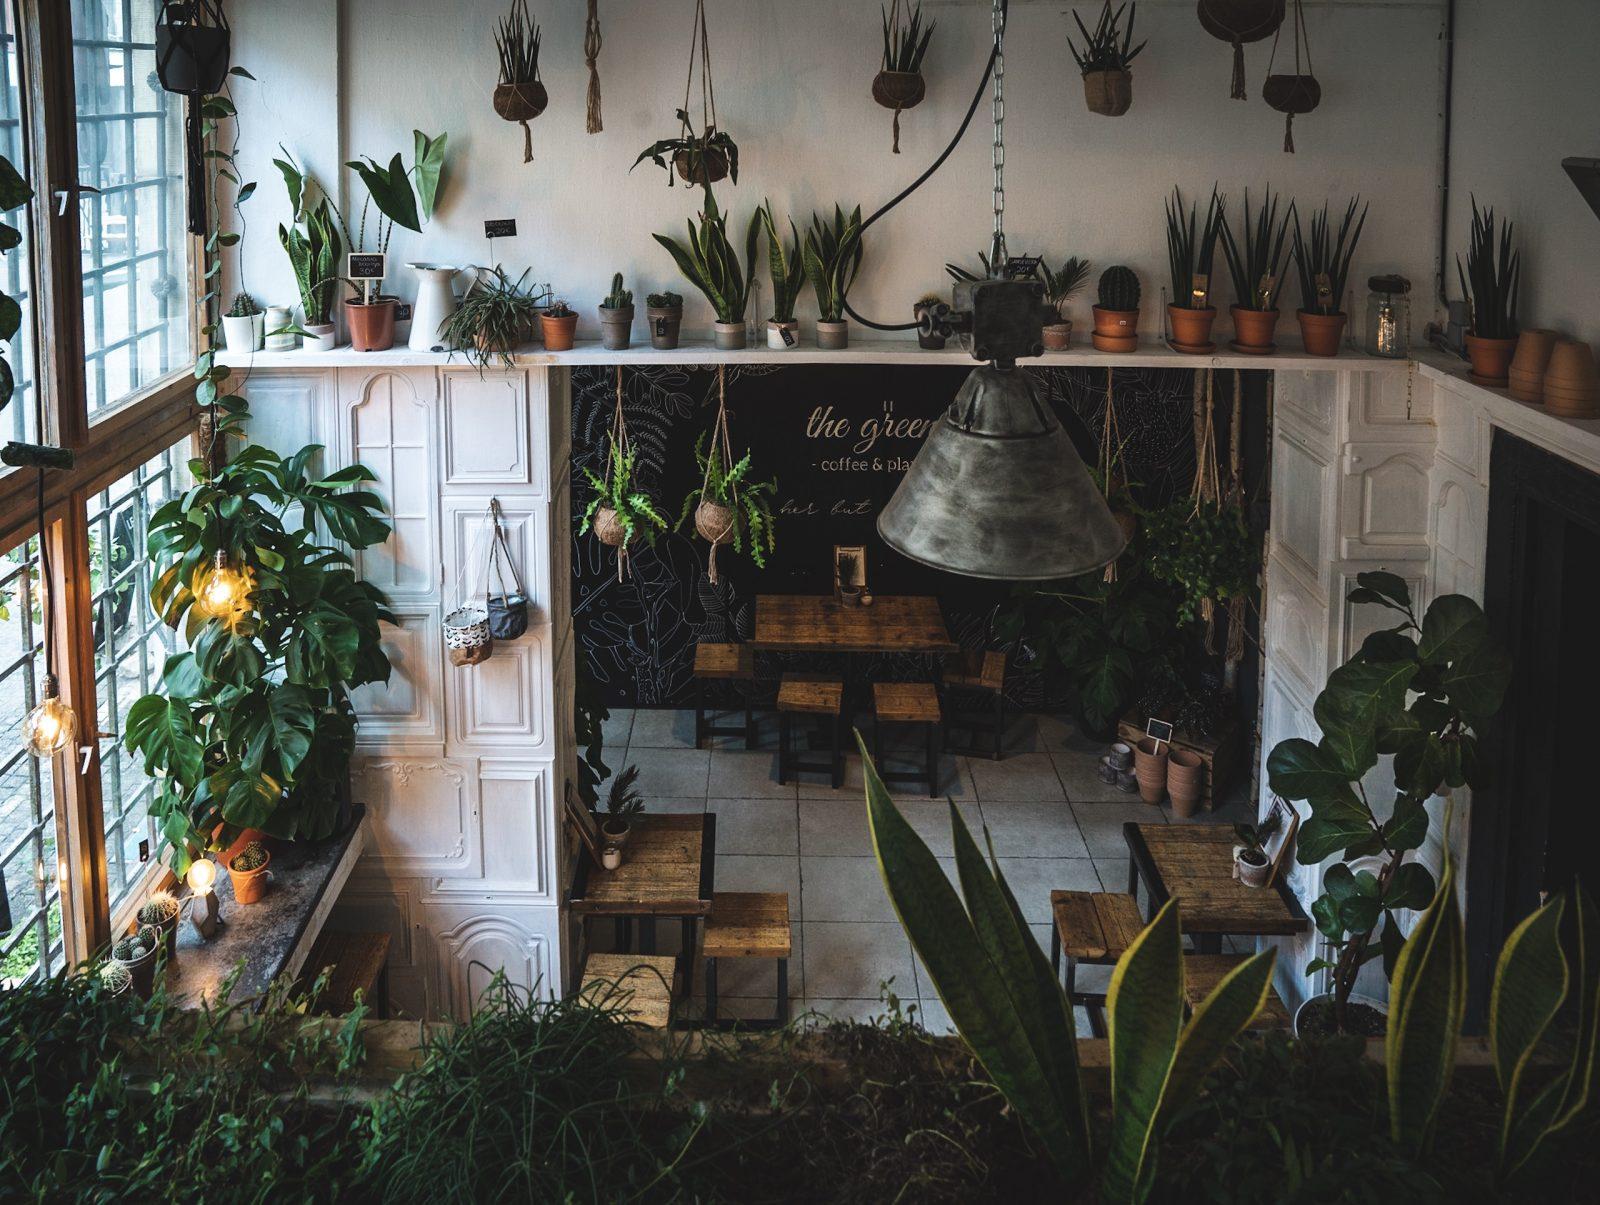 Pflanzen kaufen Berlin Pflanzenladen und Café in einem: The Greens am Krögel ist ein Eldorado für Kaffee- und Pflanzenliebhaber*innen.